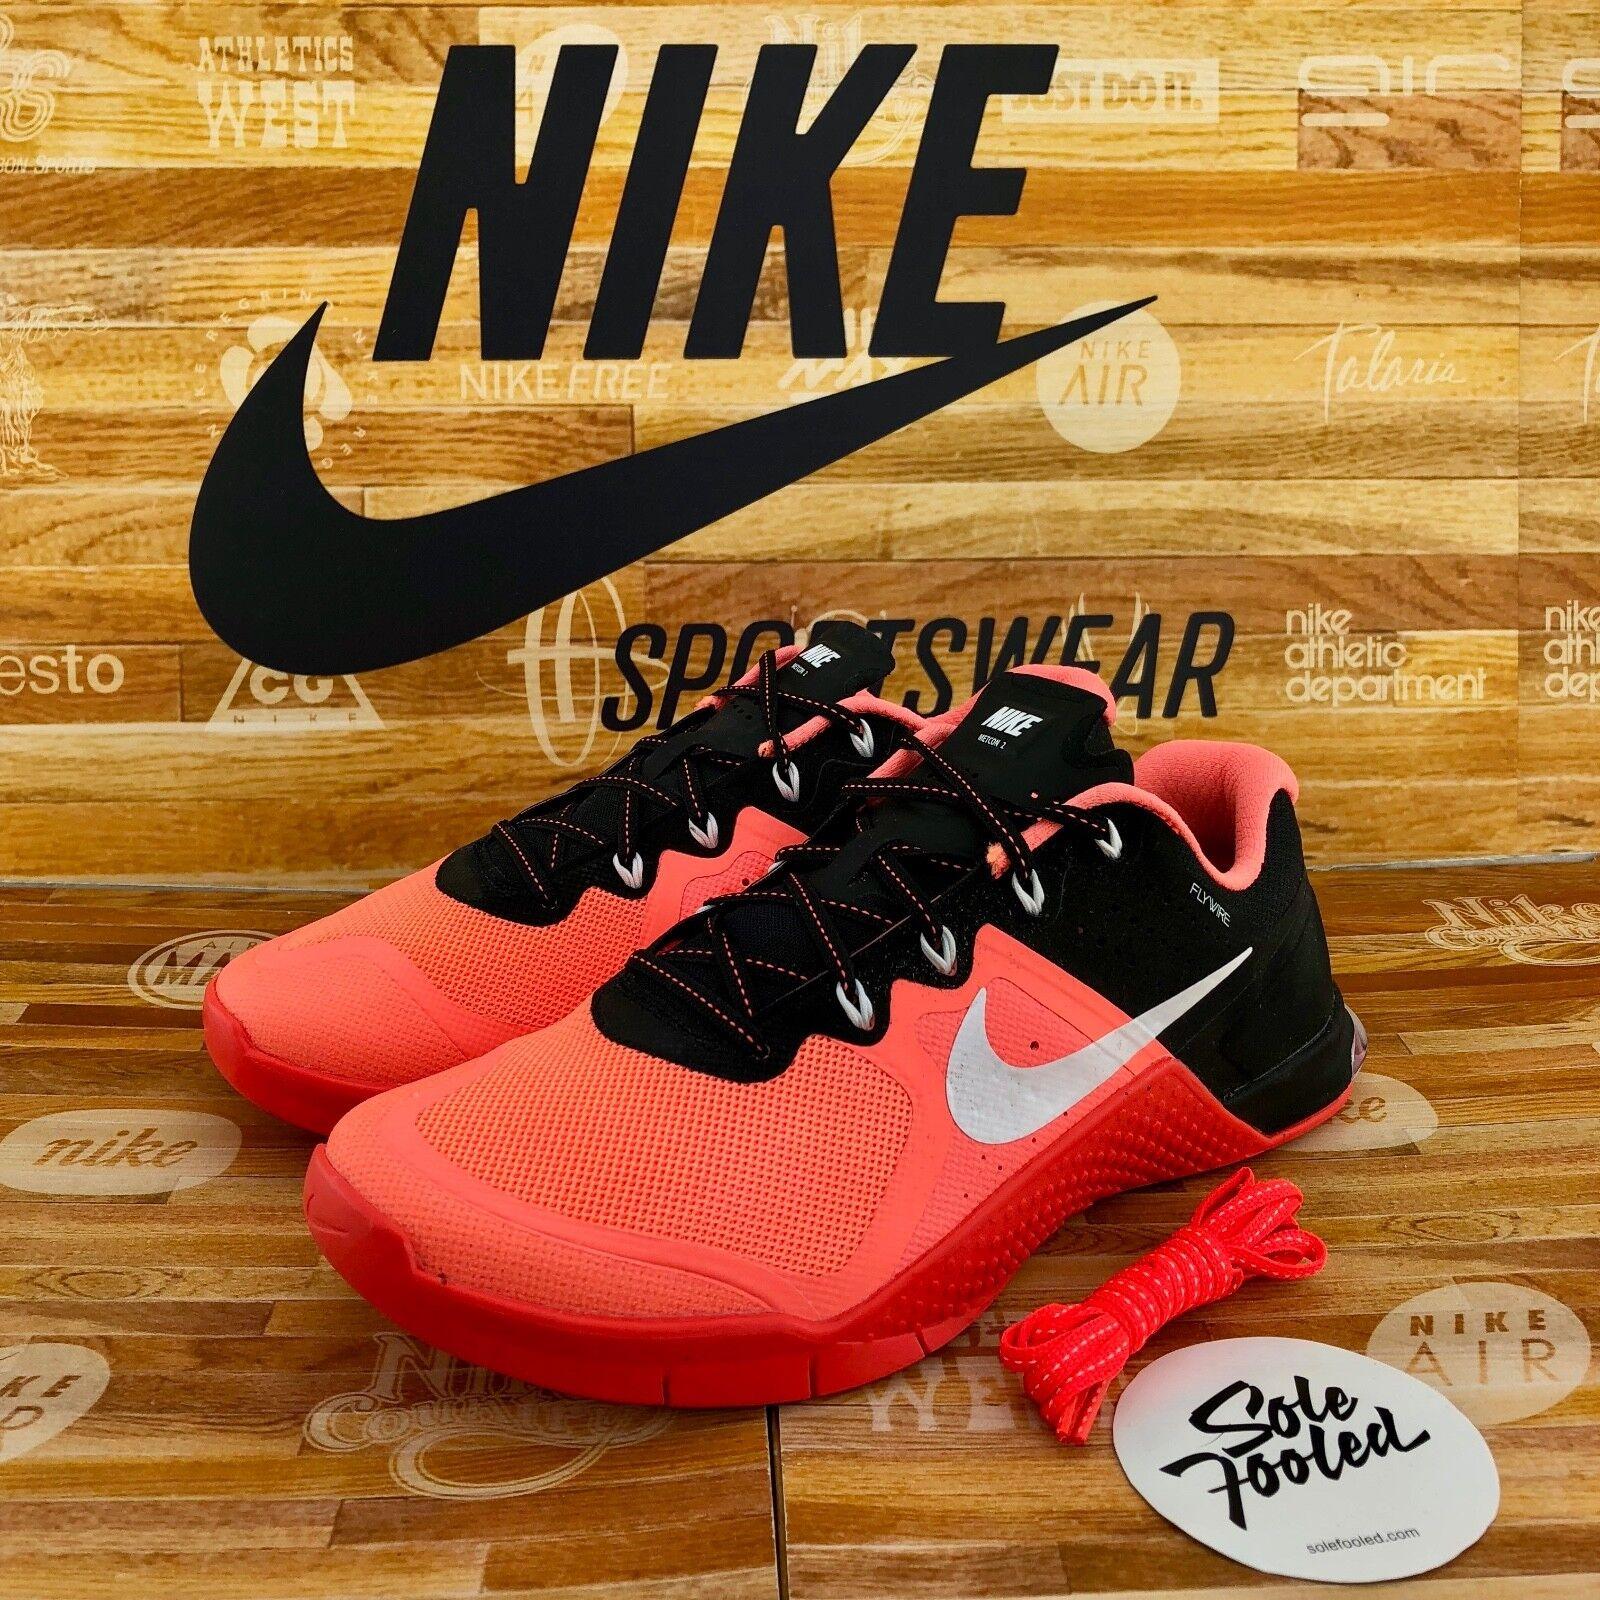 Nike WMNS Metcon 2 - 821913-800 US 9 EU 40.5 Crossfit Training Fitness Turnschuhe 4     |  | Hohe Qualität und geringer Aufwand  | Garantiere Qualität und Quantität